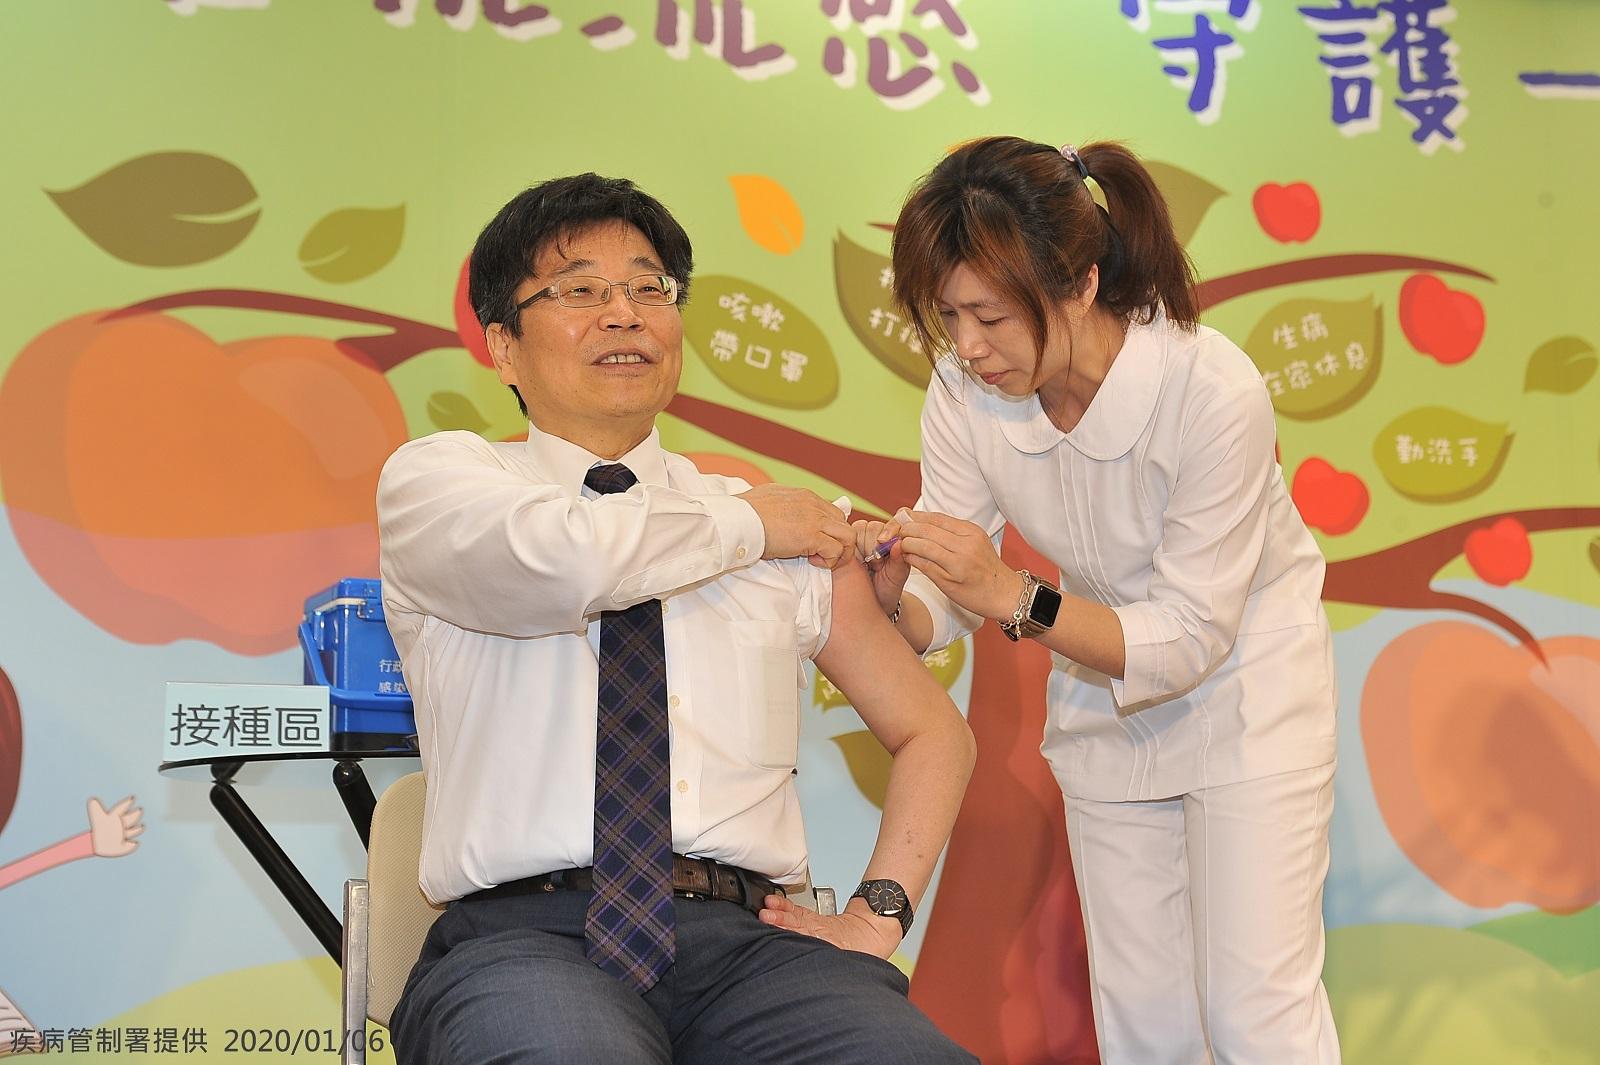 全聯也能打流感疫苗!疾管署呼籲「這些人」應盡速接種